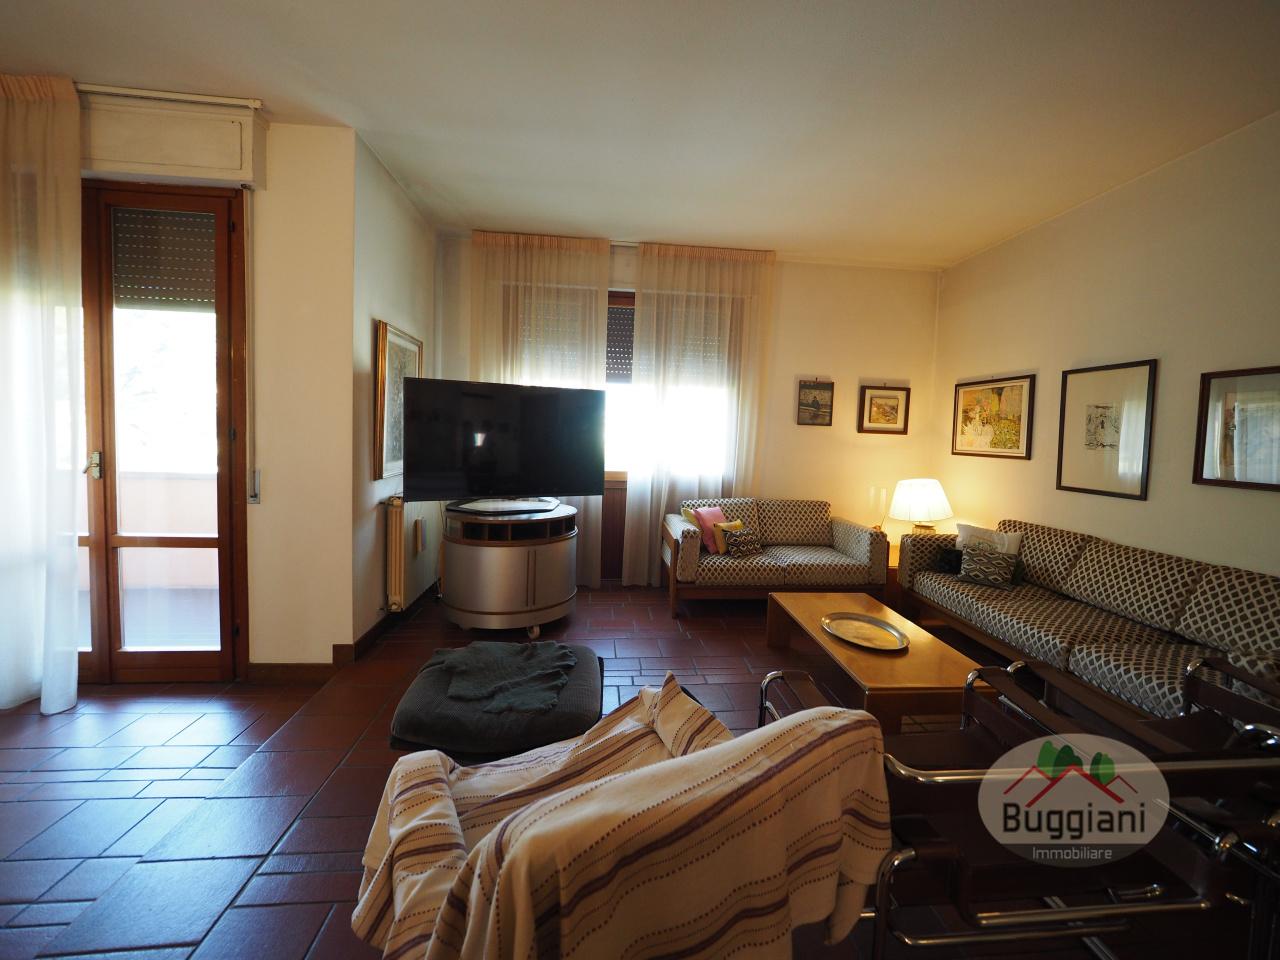 Appartamento in vendita RIF. 1782, Fucecchio (FI)